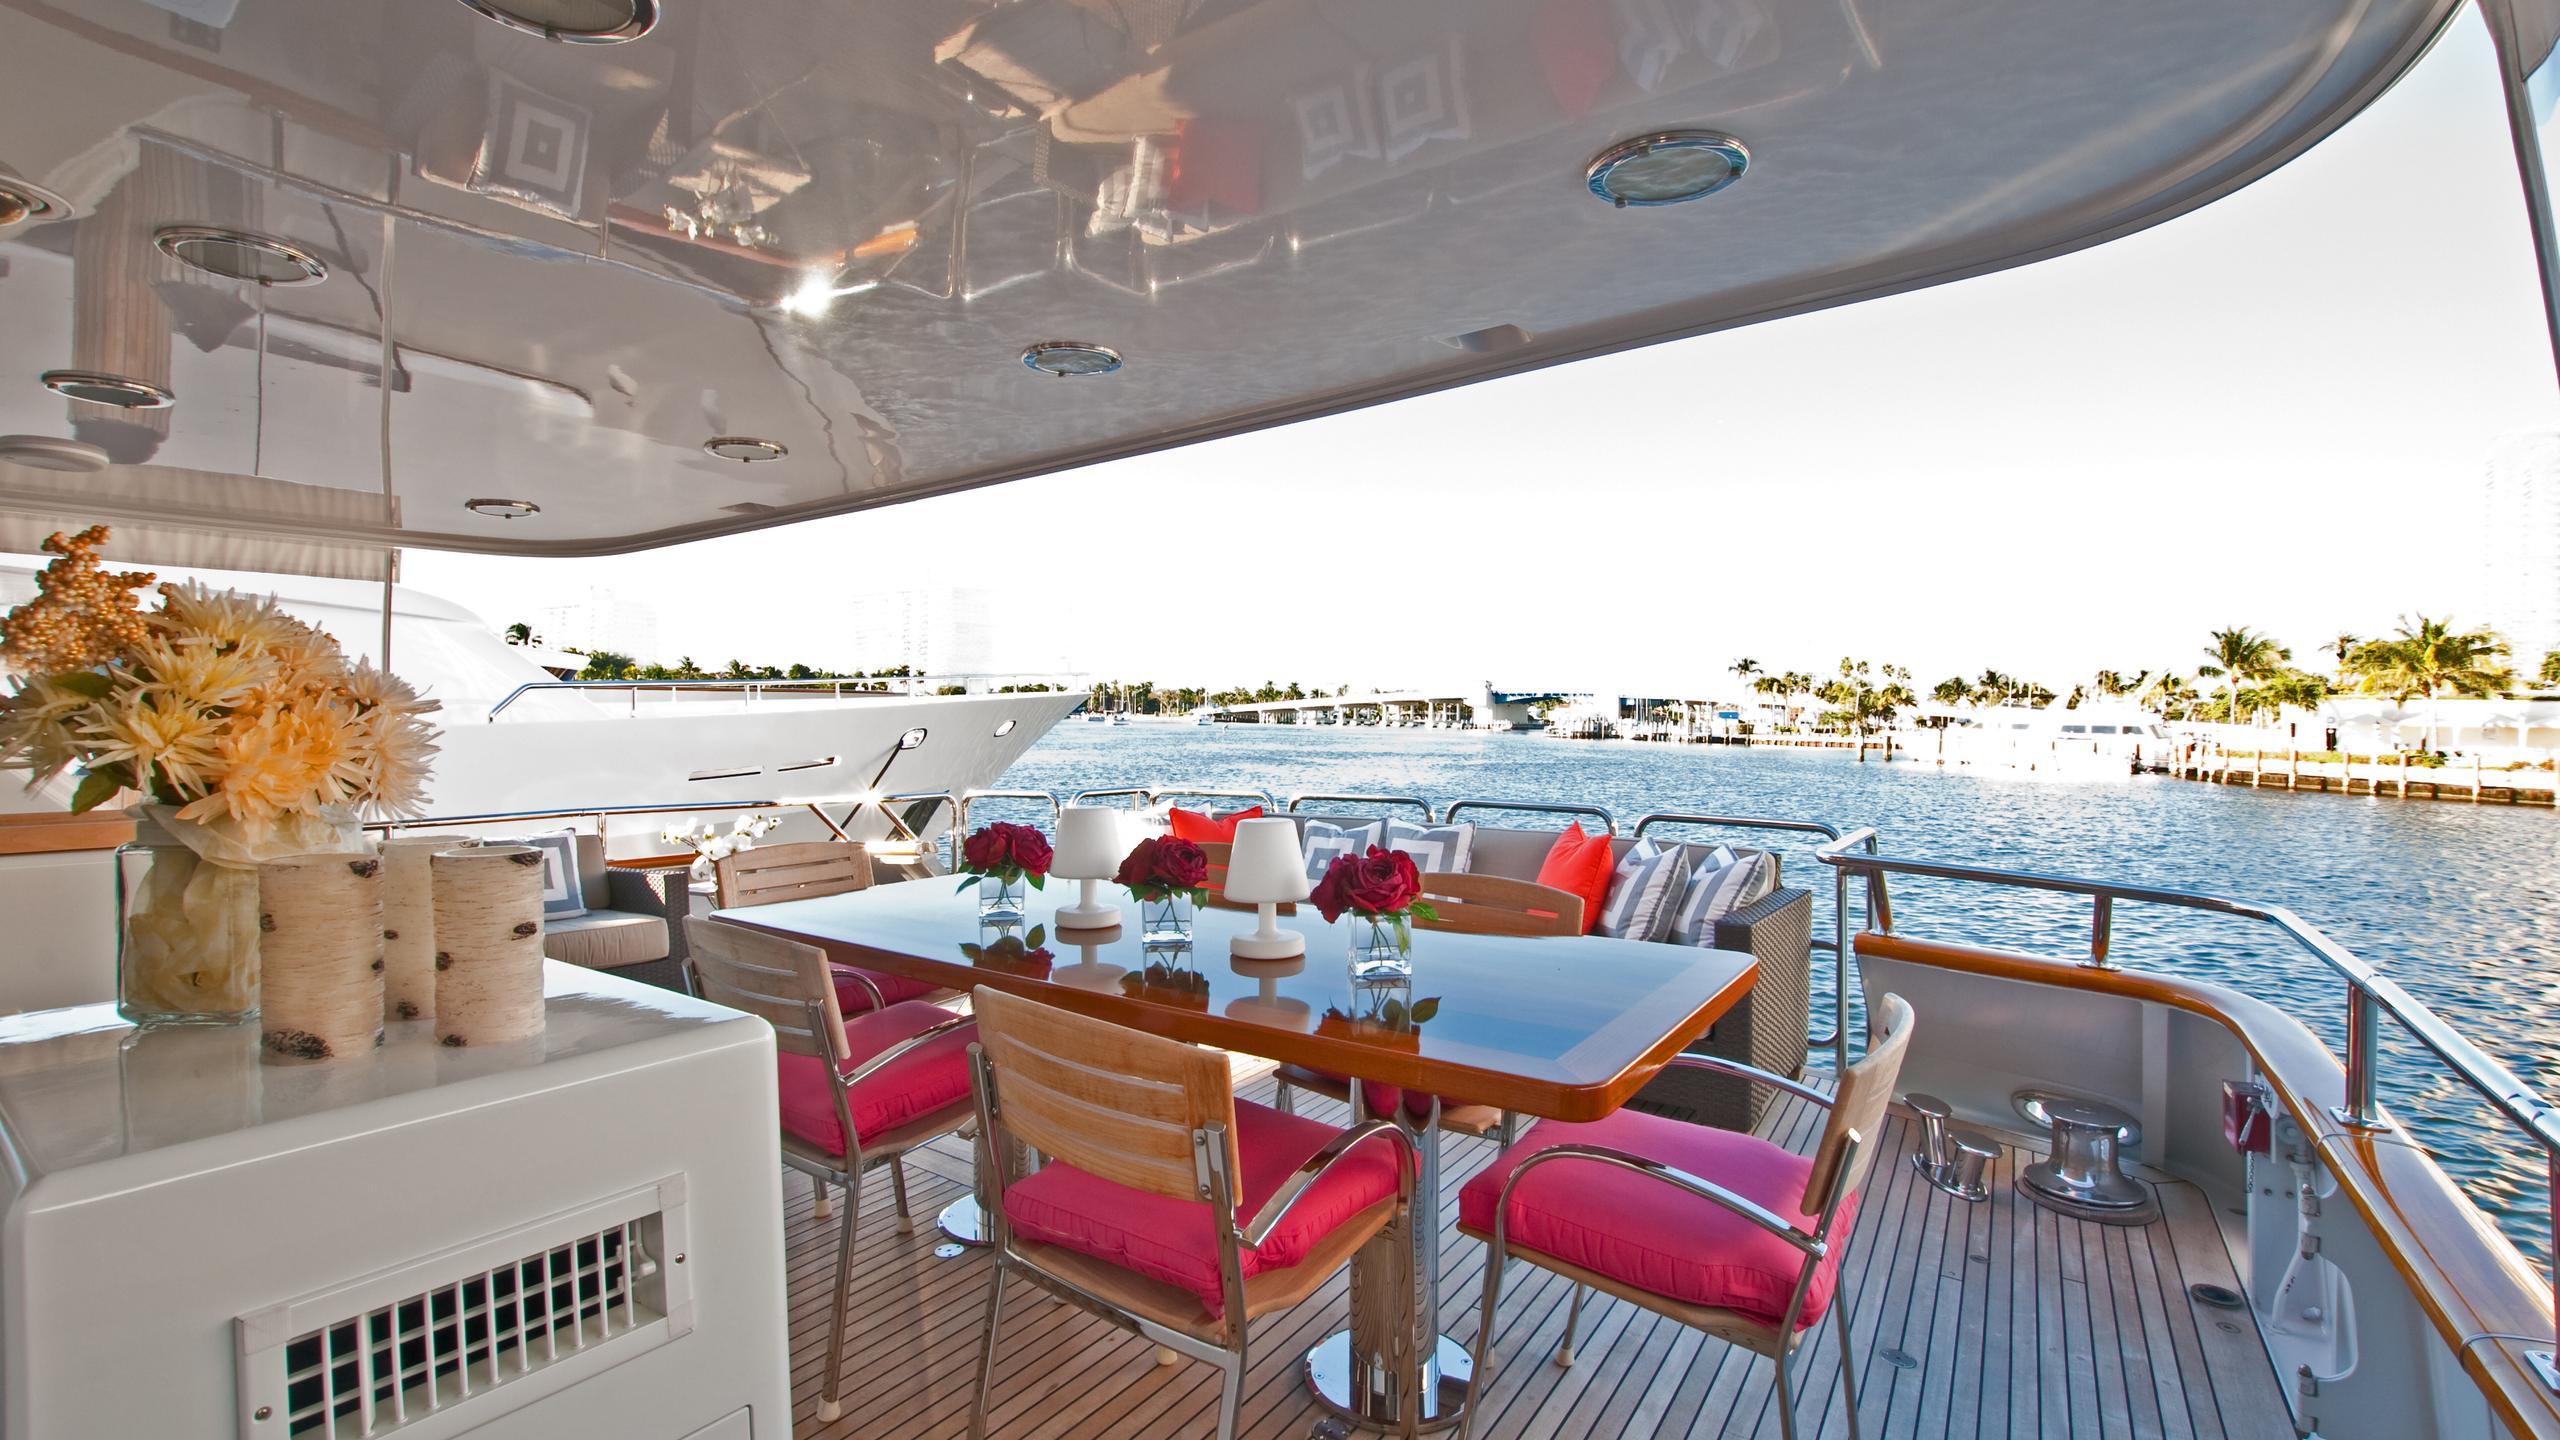 sea-bound-yacht-aft-deck